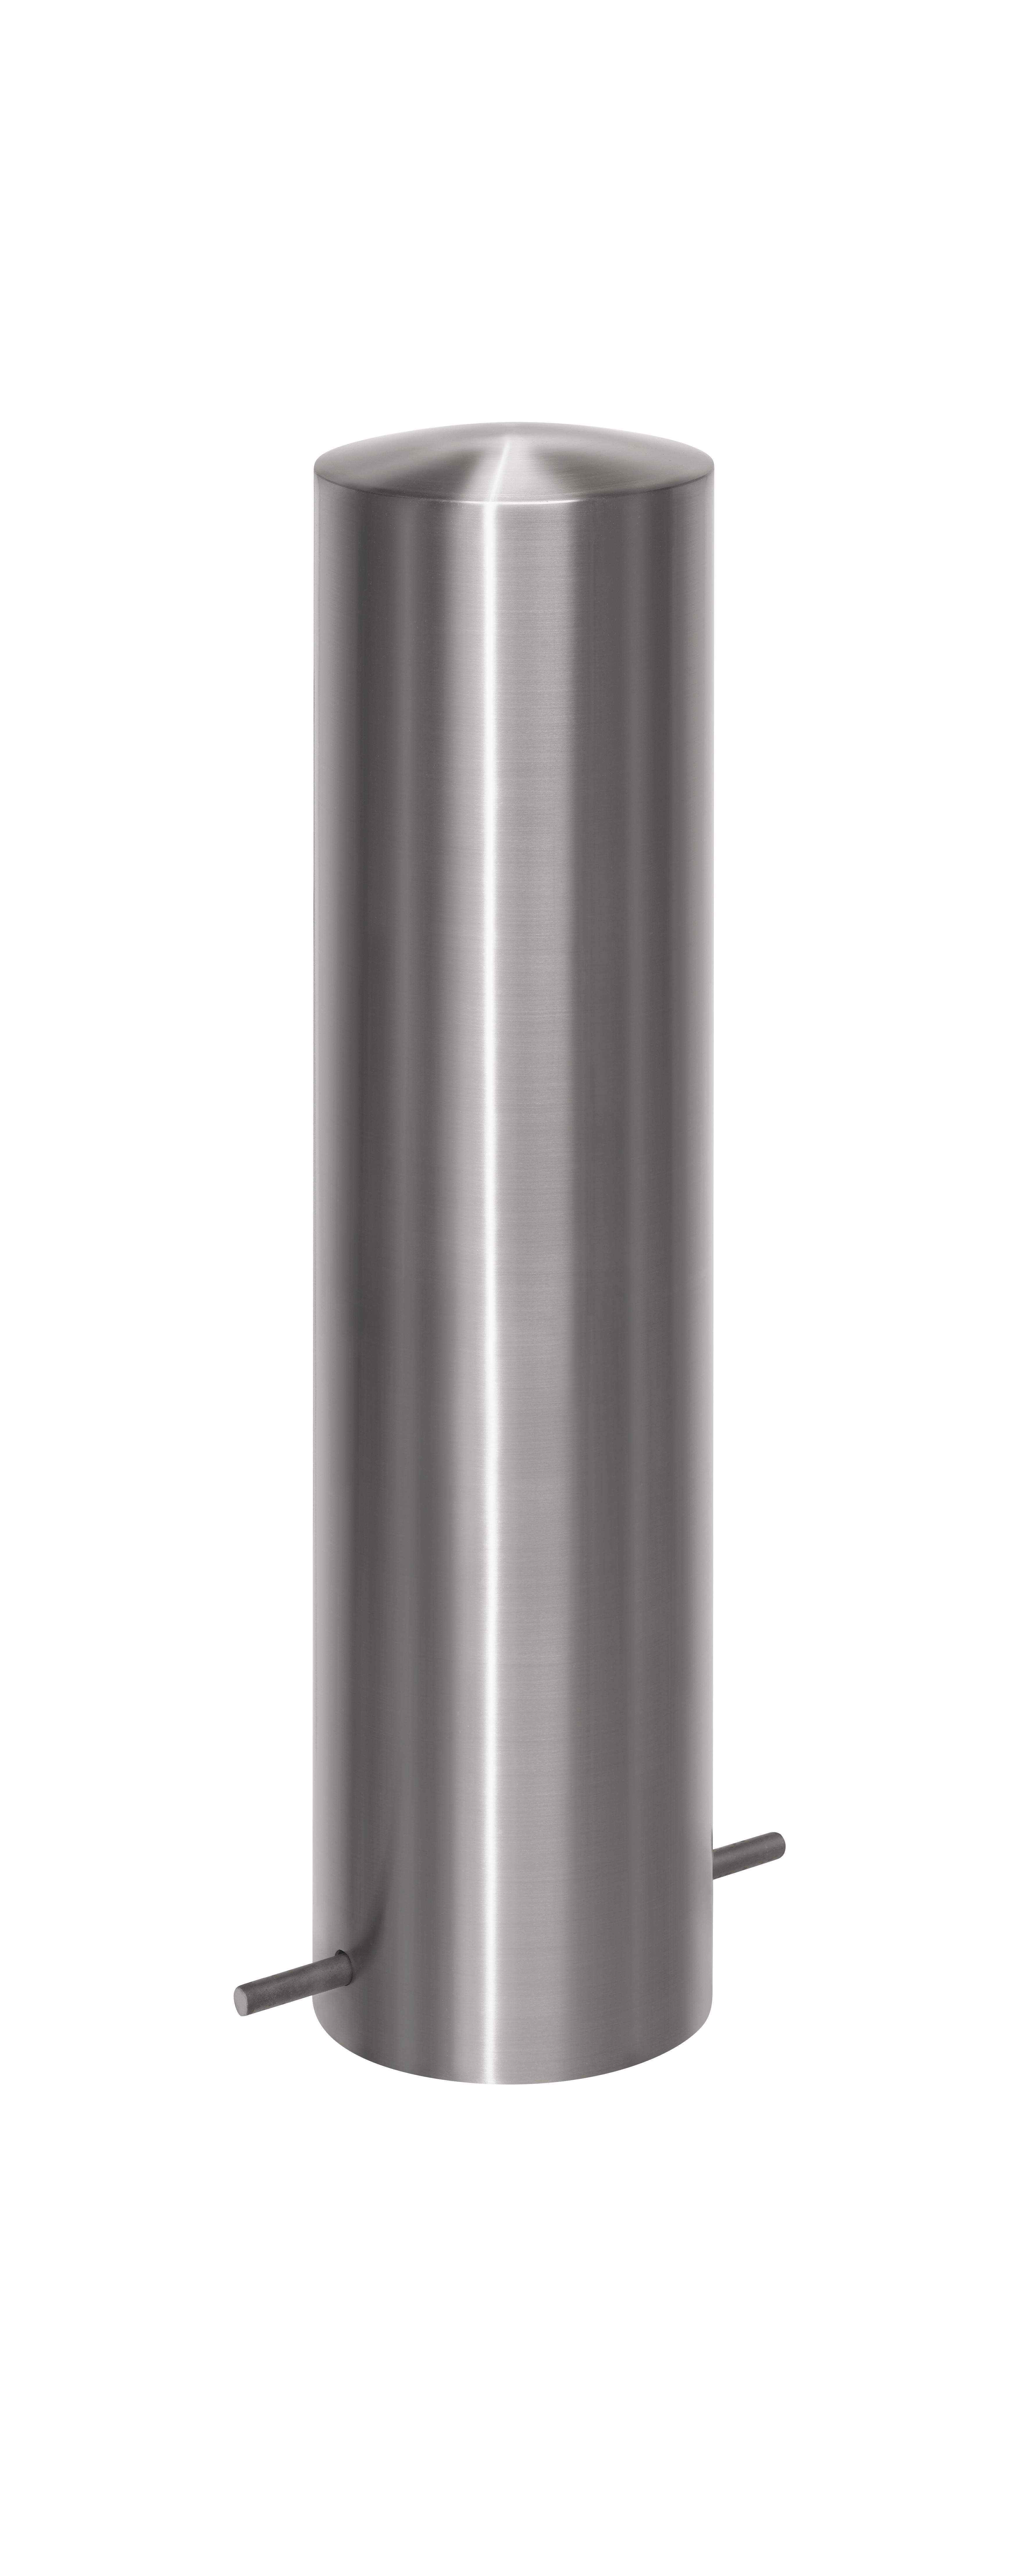 Absperrpfosten Ø 205 mm aus Edelstahl